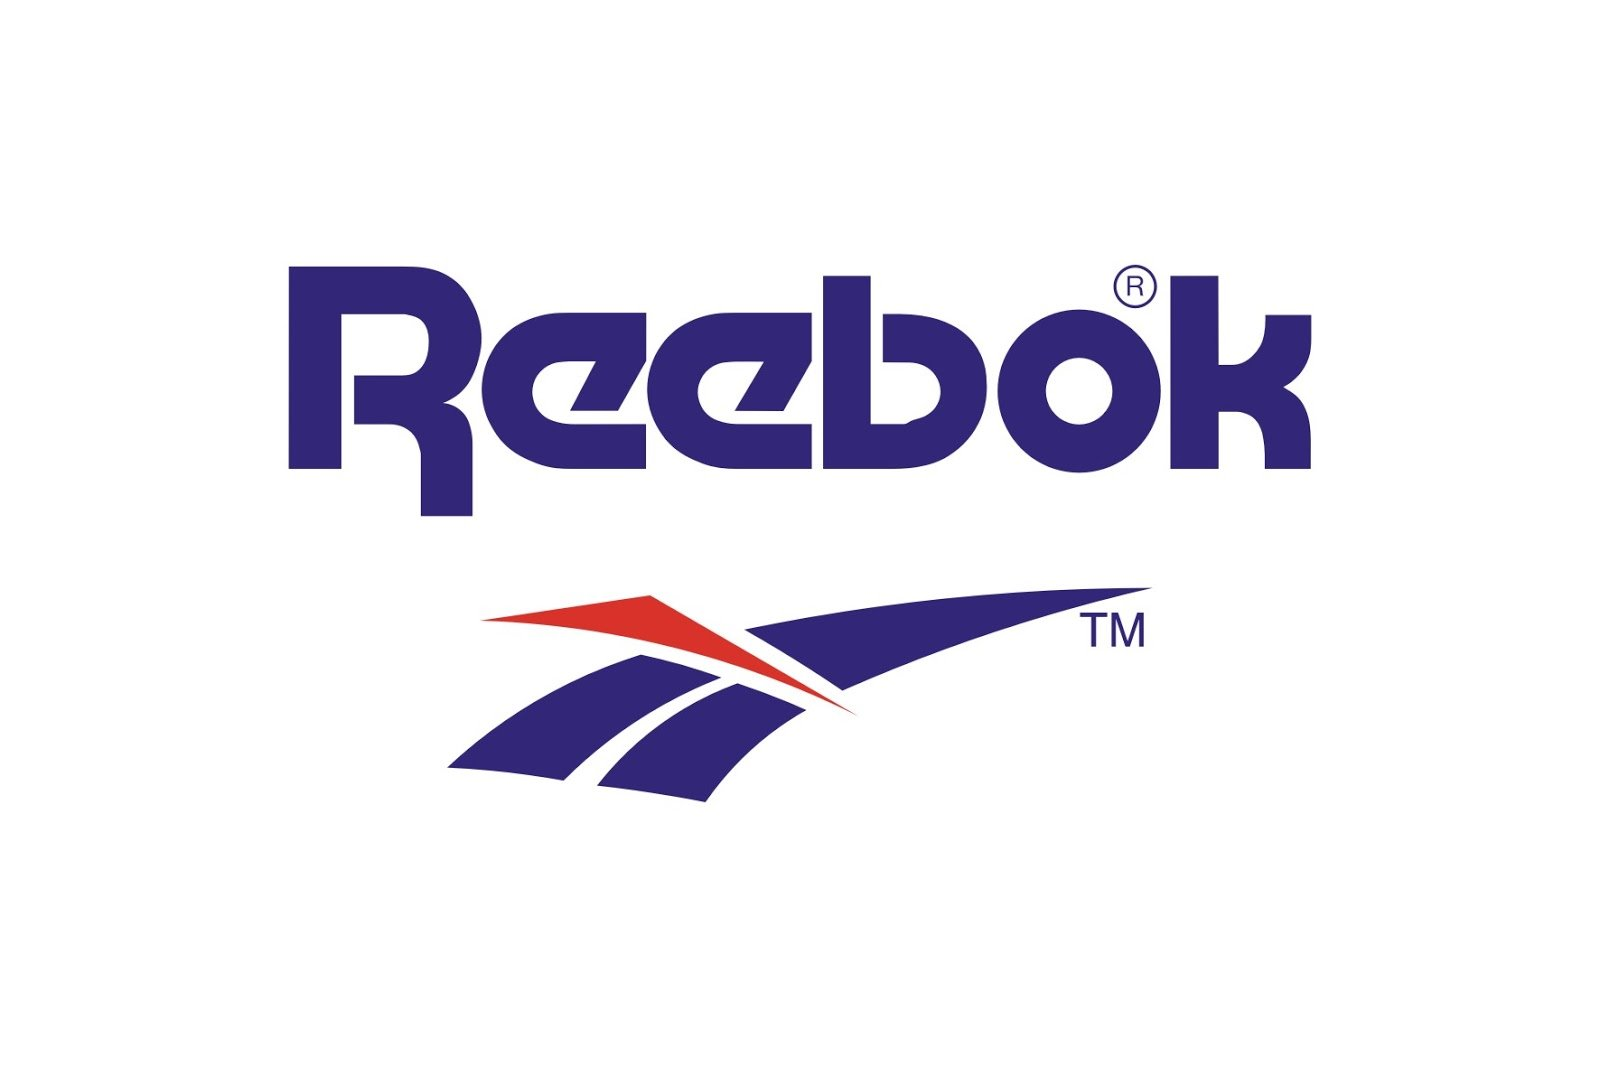 Logo Reebok blu e rosso